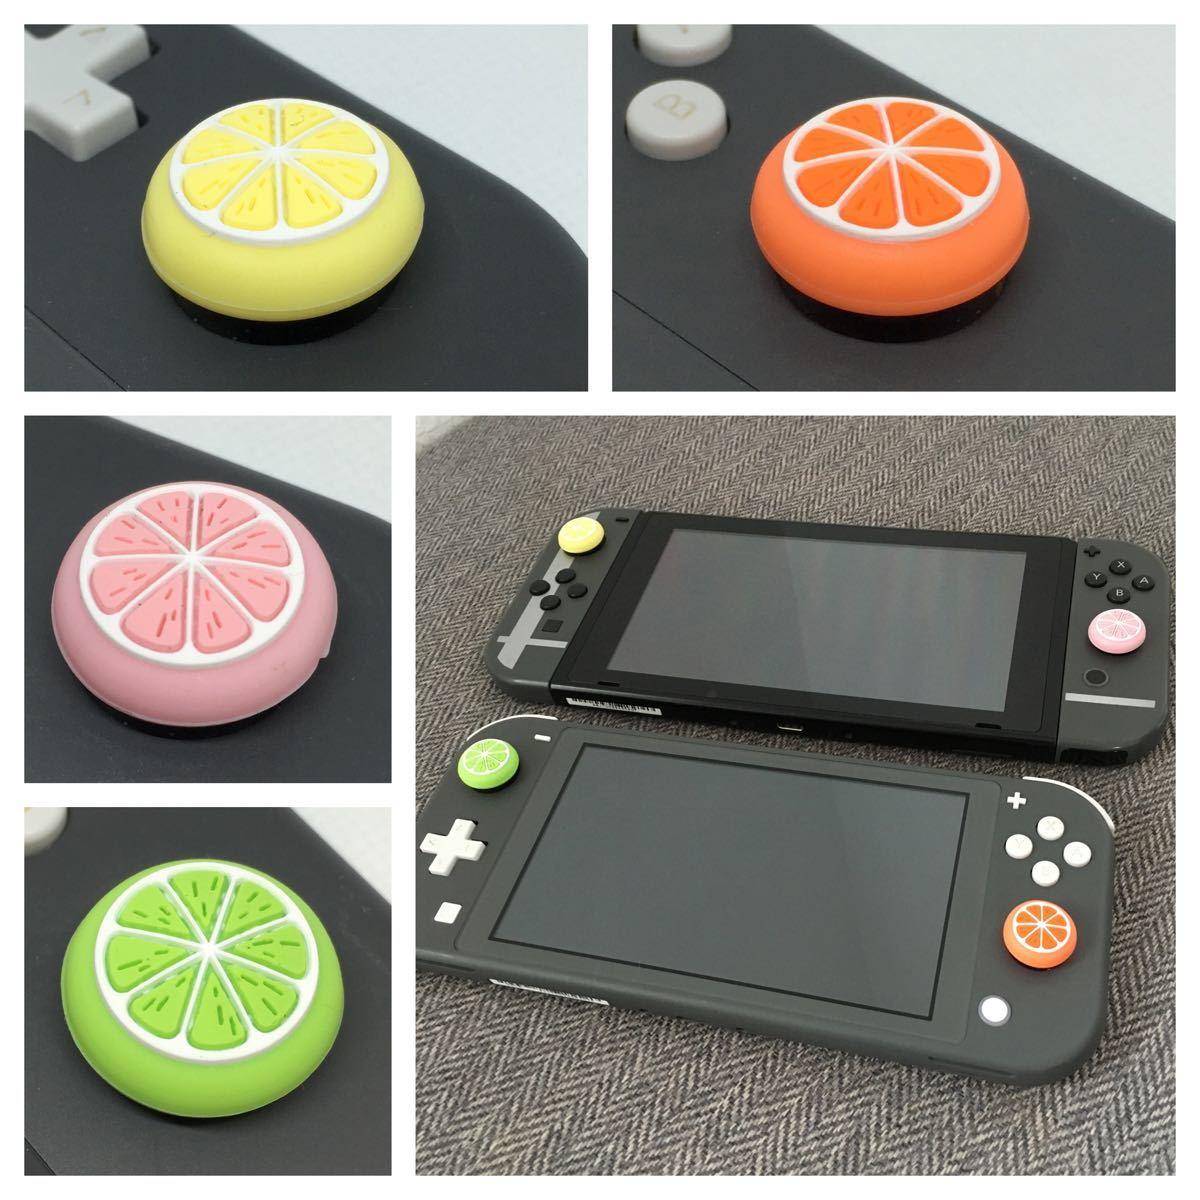 フルーツ Nintendo Switch スイッチ ジョイコン スティックカバー 2個セット